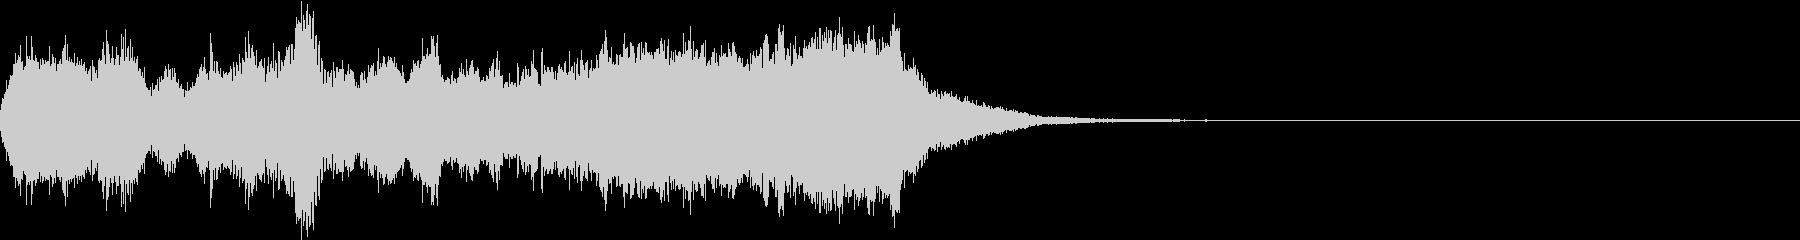 華やか 豪華 オープニング ジングル 3の未再生の波形